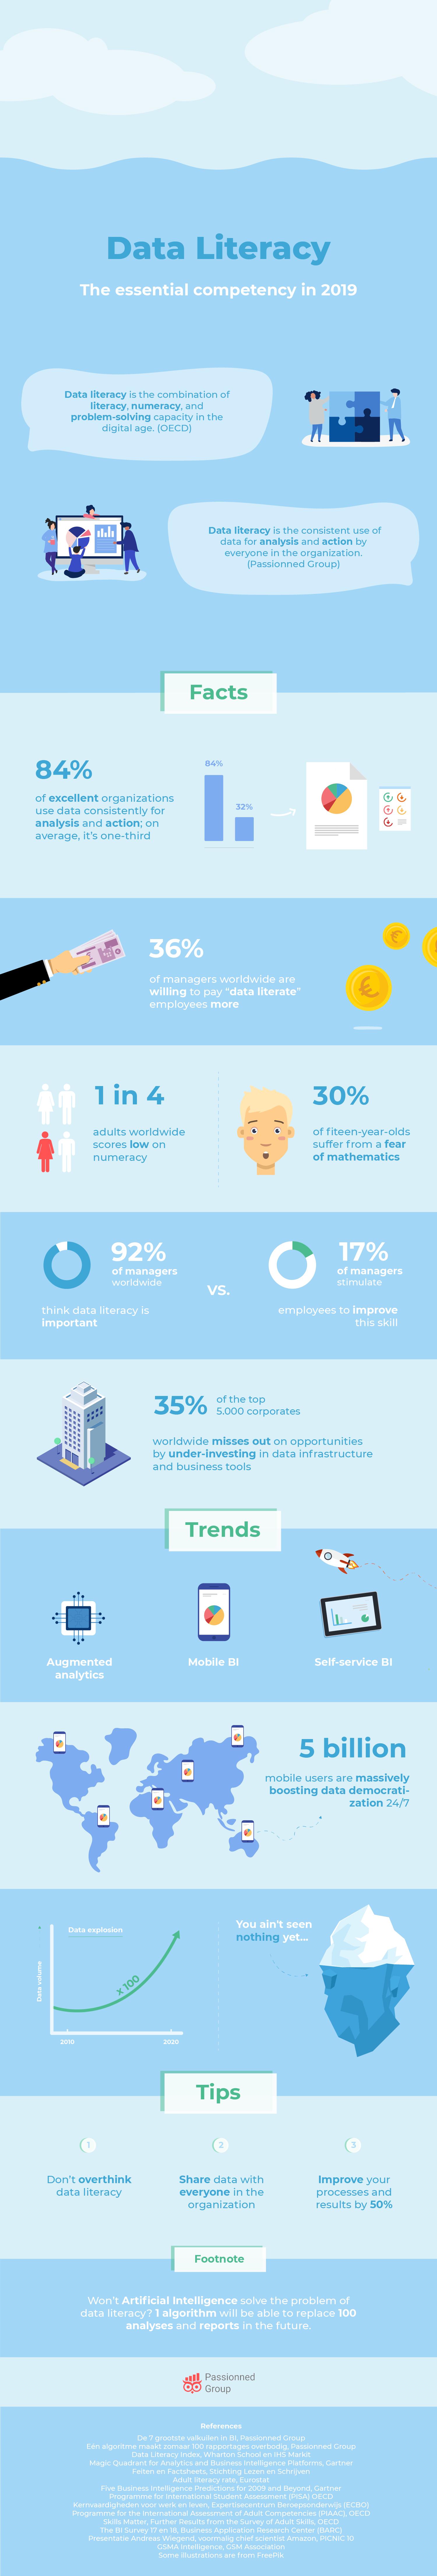 Data literacy infographic